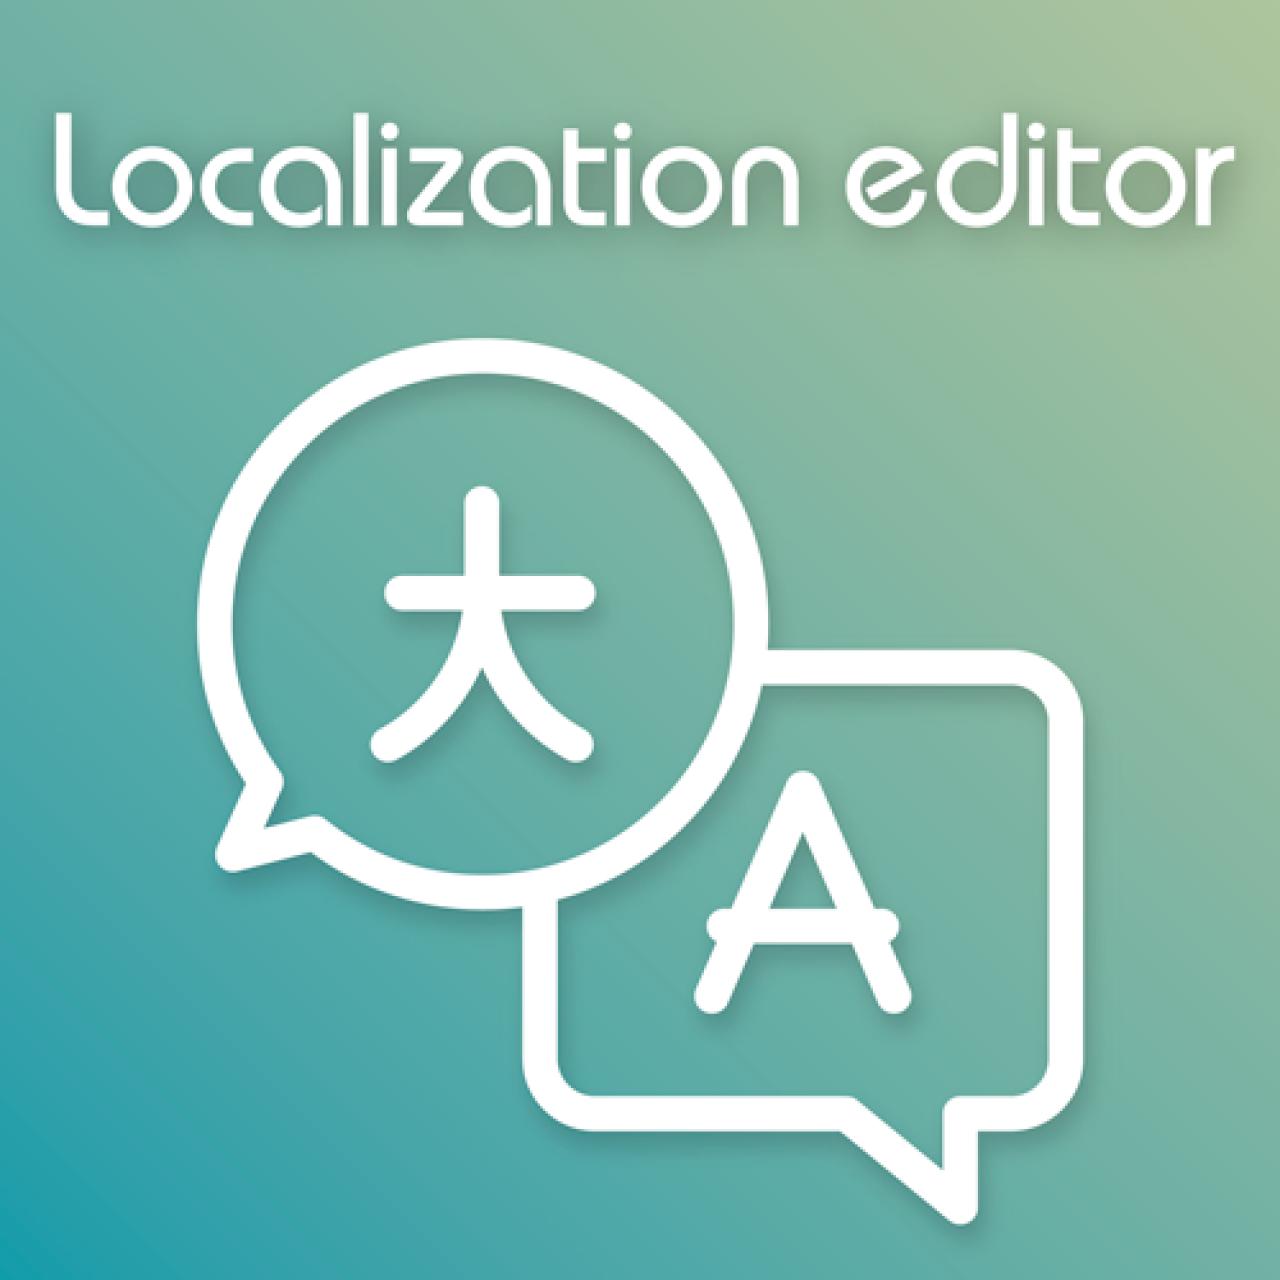 Localization editor - редактор языковых файлов, перевод Яндекс и Google из категории Редакторы для CMS OpenCart (ОпенКарт)